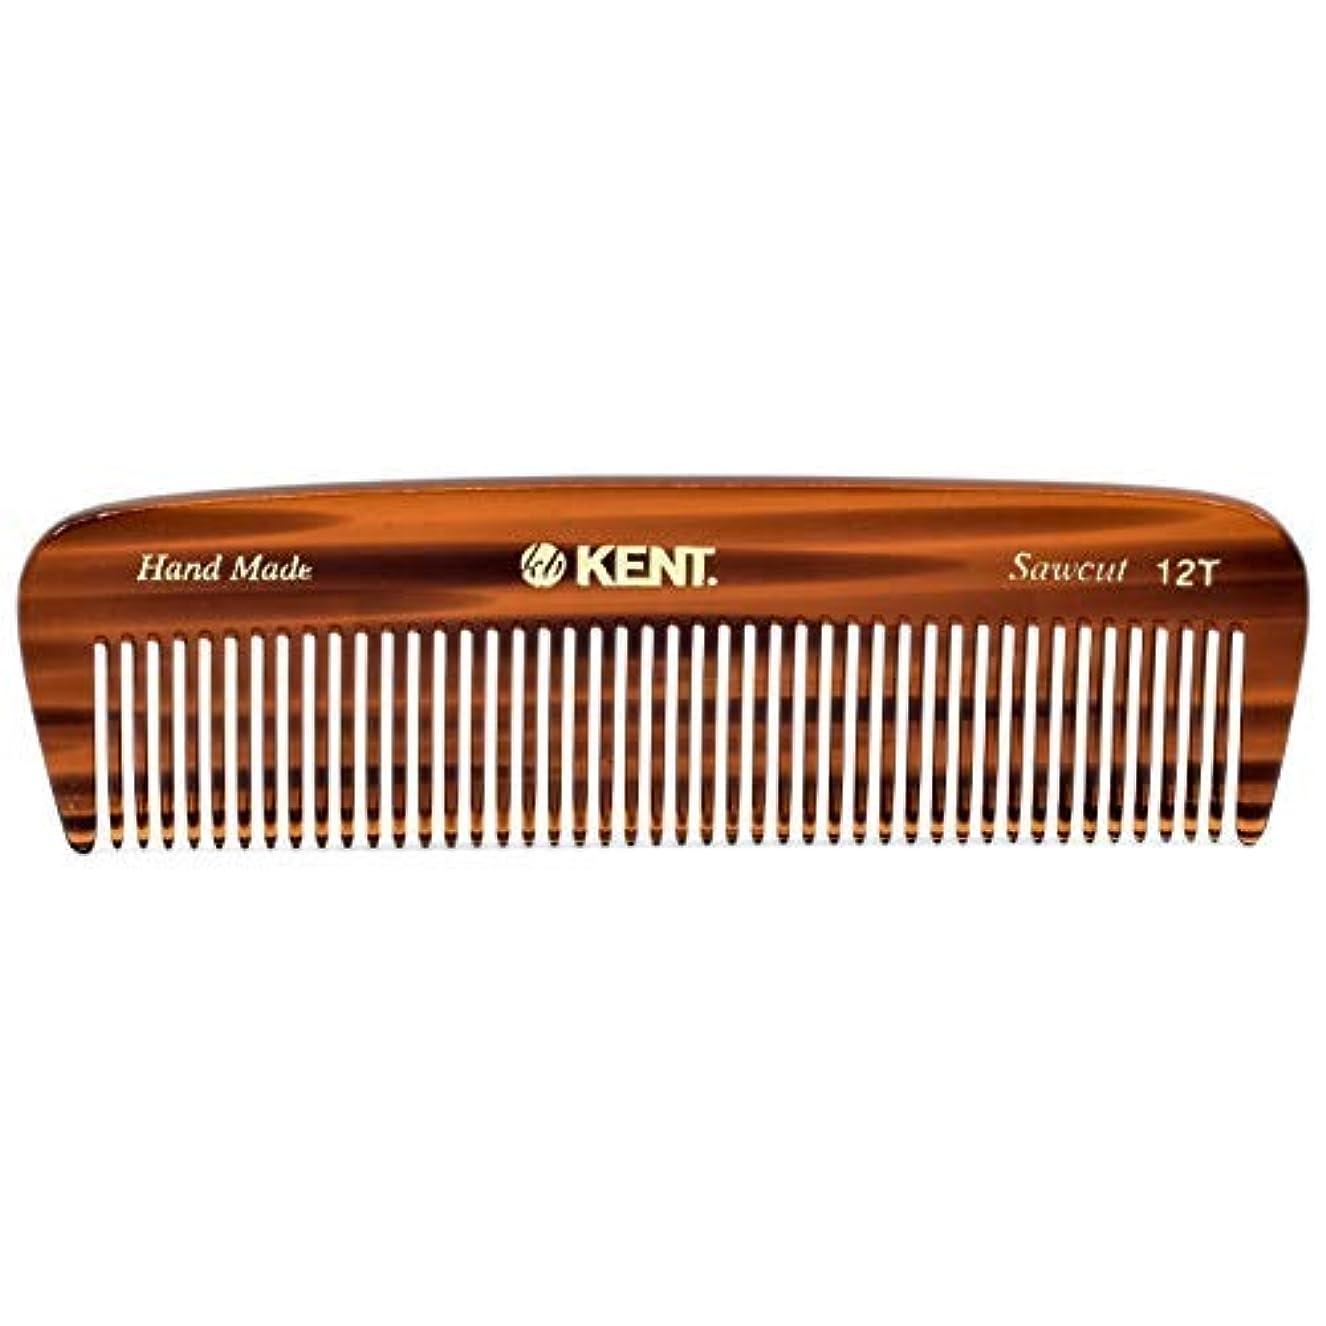 どこにでも住むスープKent 12T Handmade Medium Size Teeth for Thick/Coarse Hair Comb for Men/Women - For Grooming, Styling, and Detangling (5